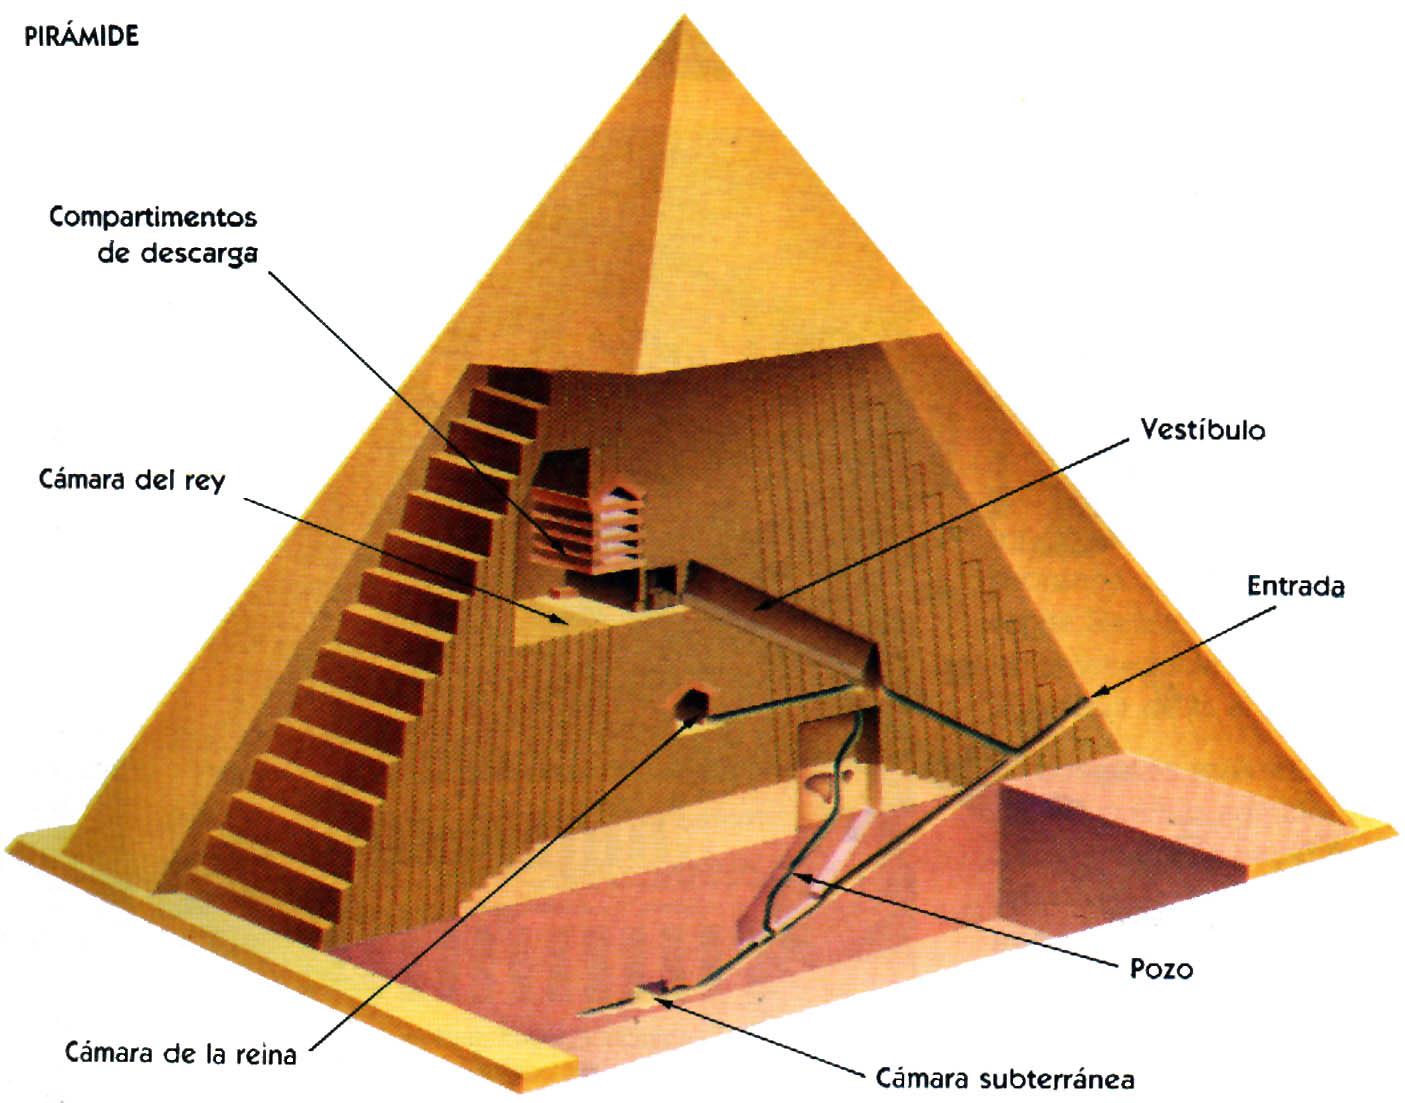 interior Pirámide Guiza